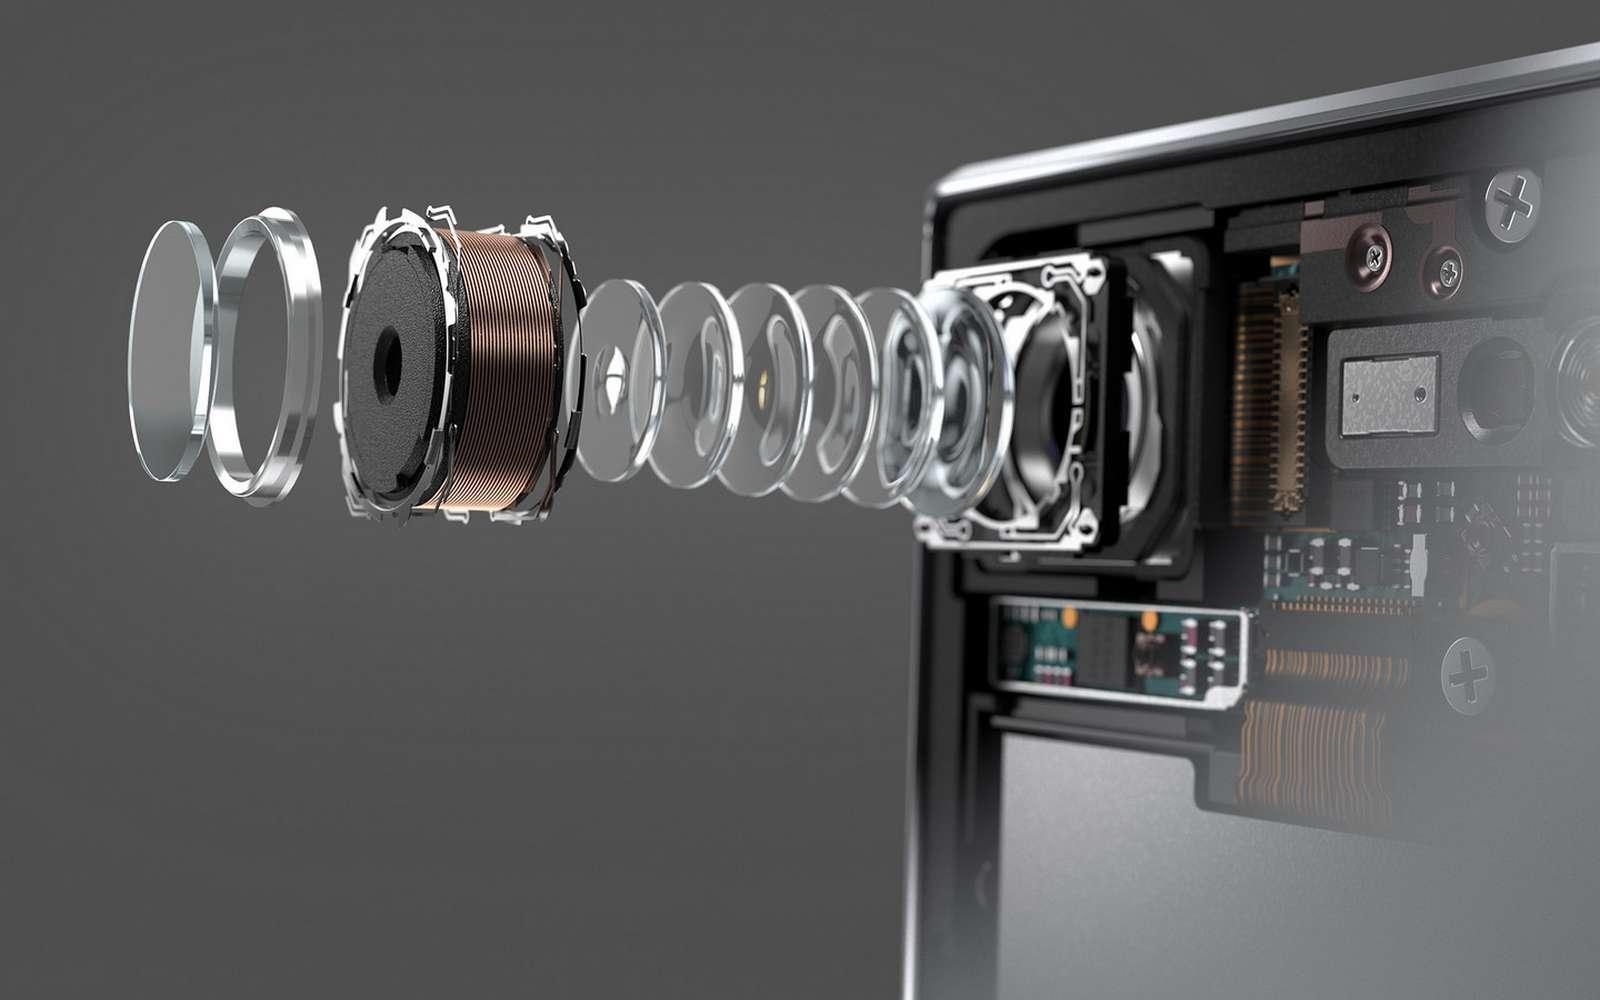 D'année en année, les capteurs deviennent de plus en plus puissants mais aussi de plus en plus volumineux à l'arrière d'un appareil. © Samsung